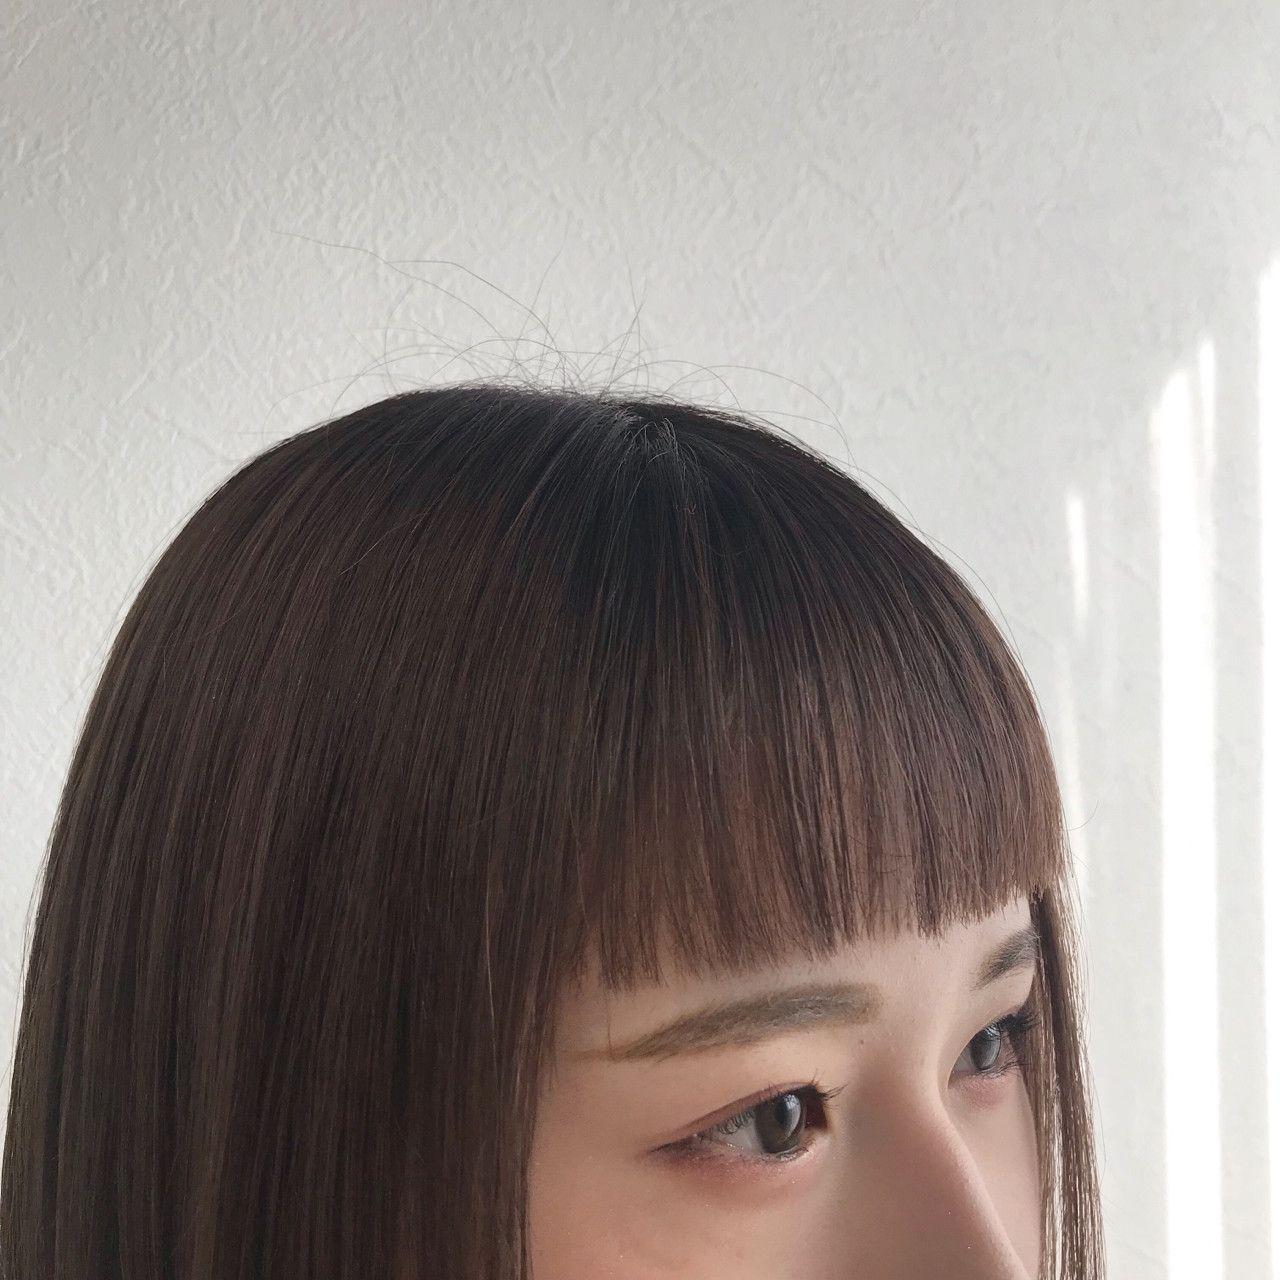 ナチュラル ミディアム オン眉 前髪パッツン Beige Plus Kurihara Ayaka 421781 Hair ヘアスタイリング 前髪 前髪ぱっつん ボブ